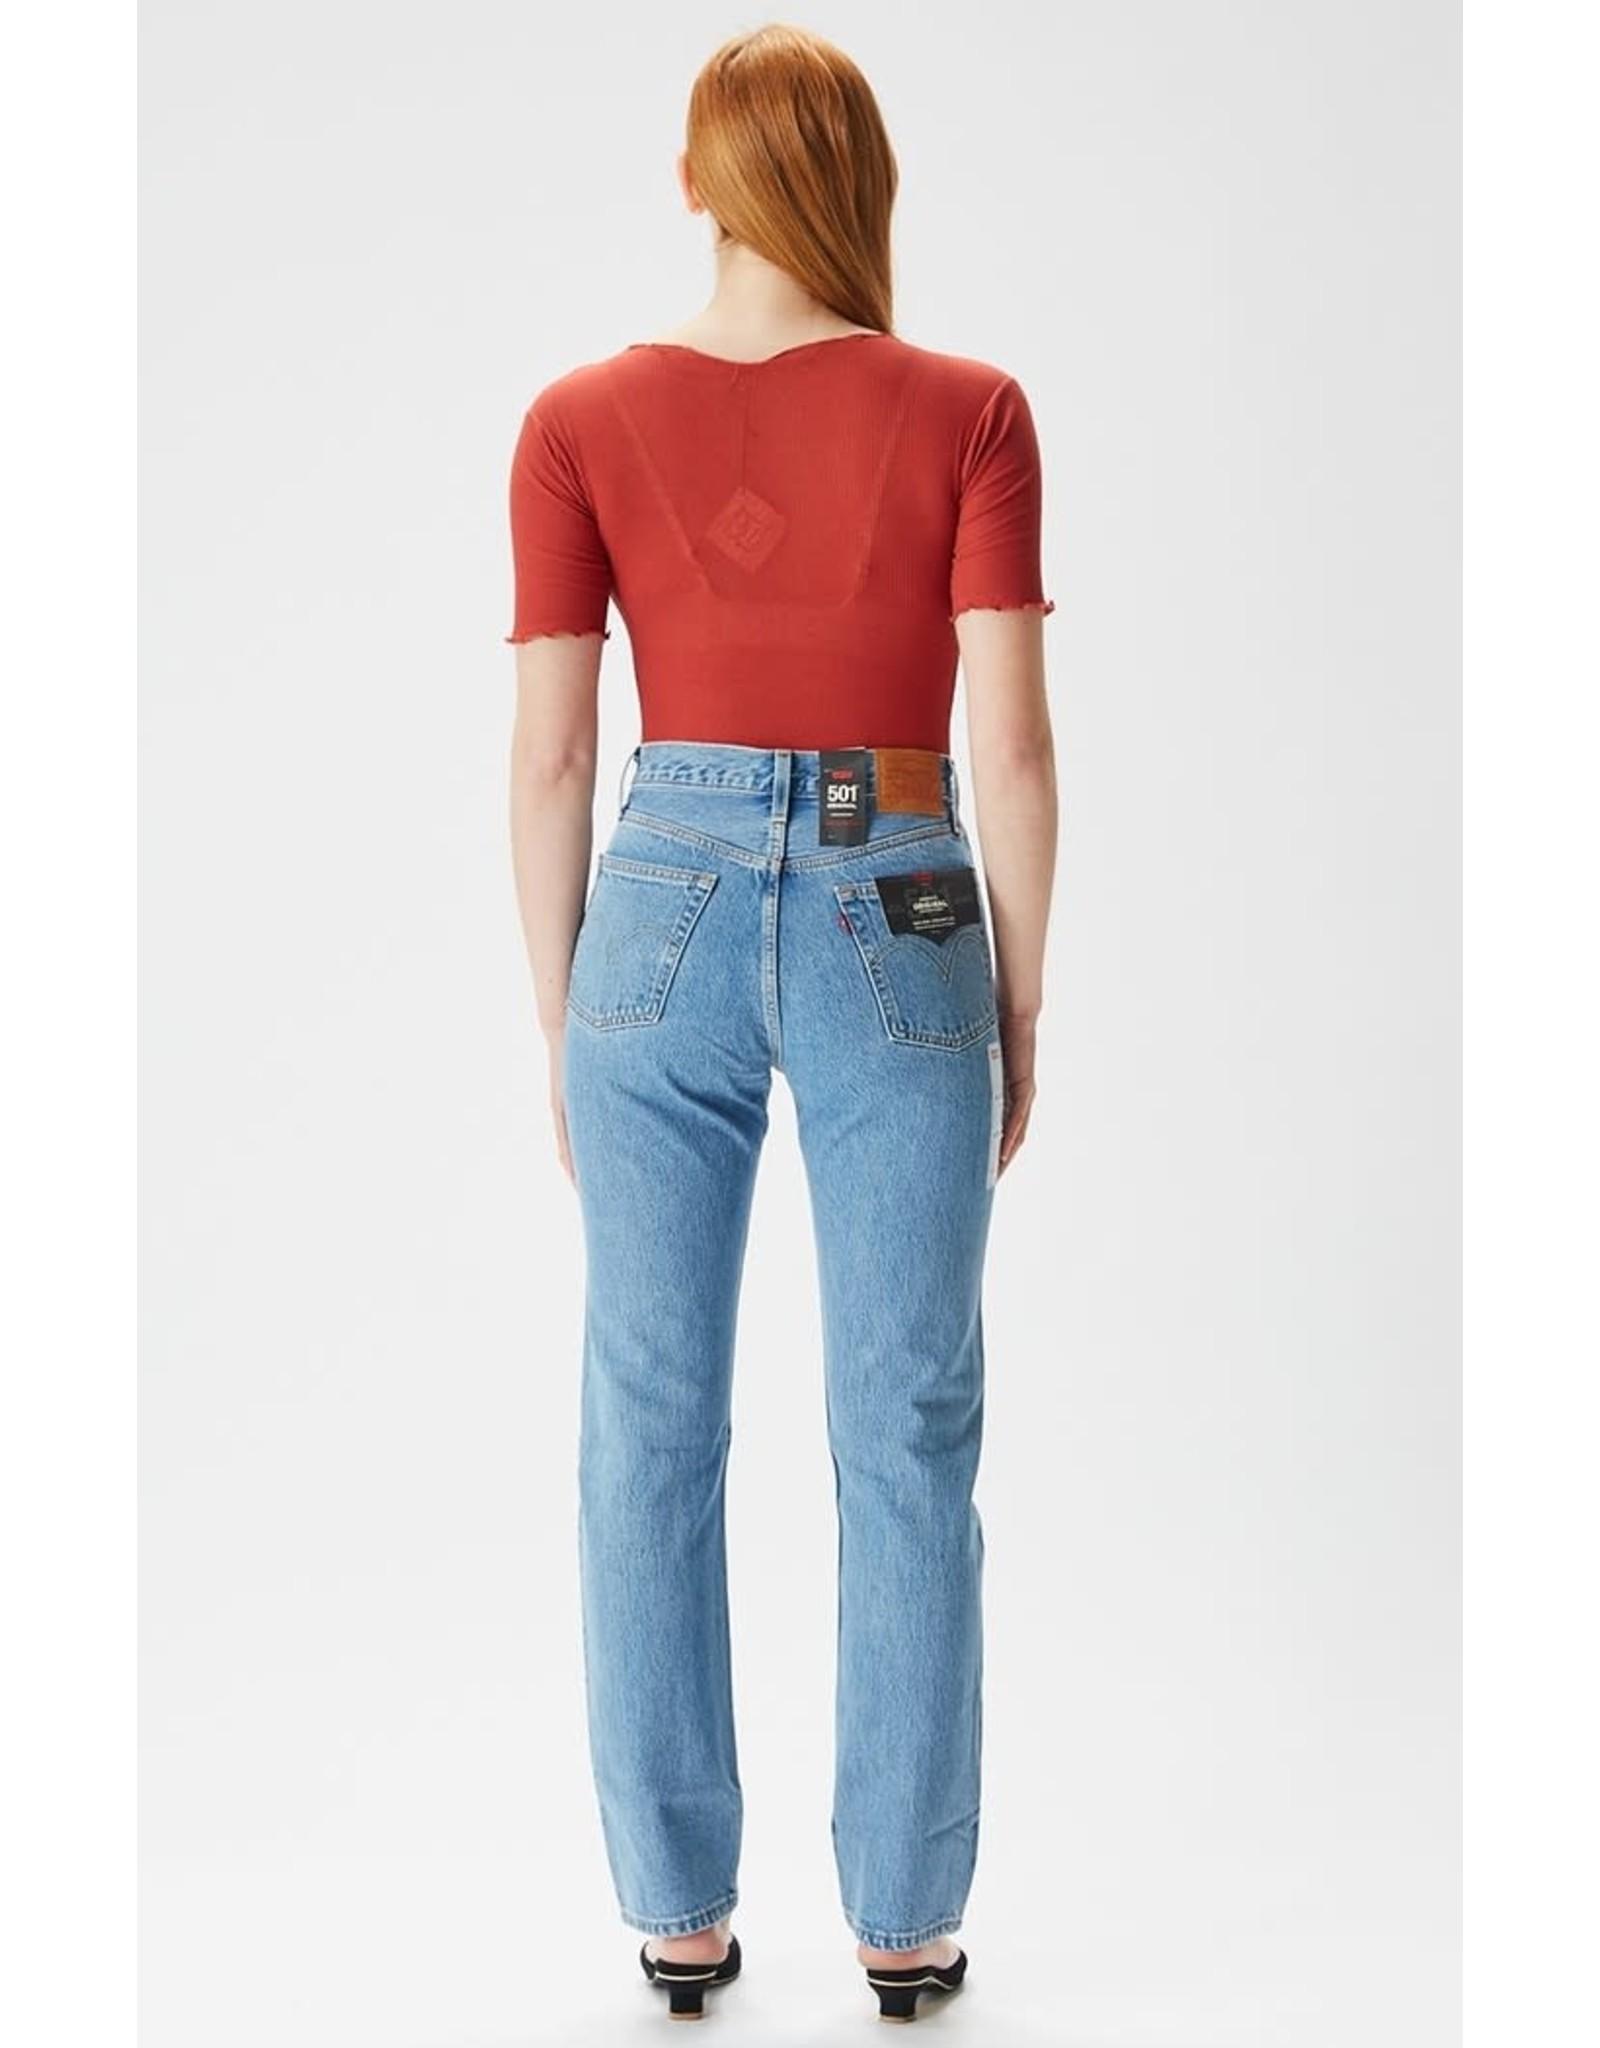 levi's Levi's - jeans 501 original fit